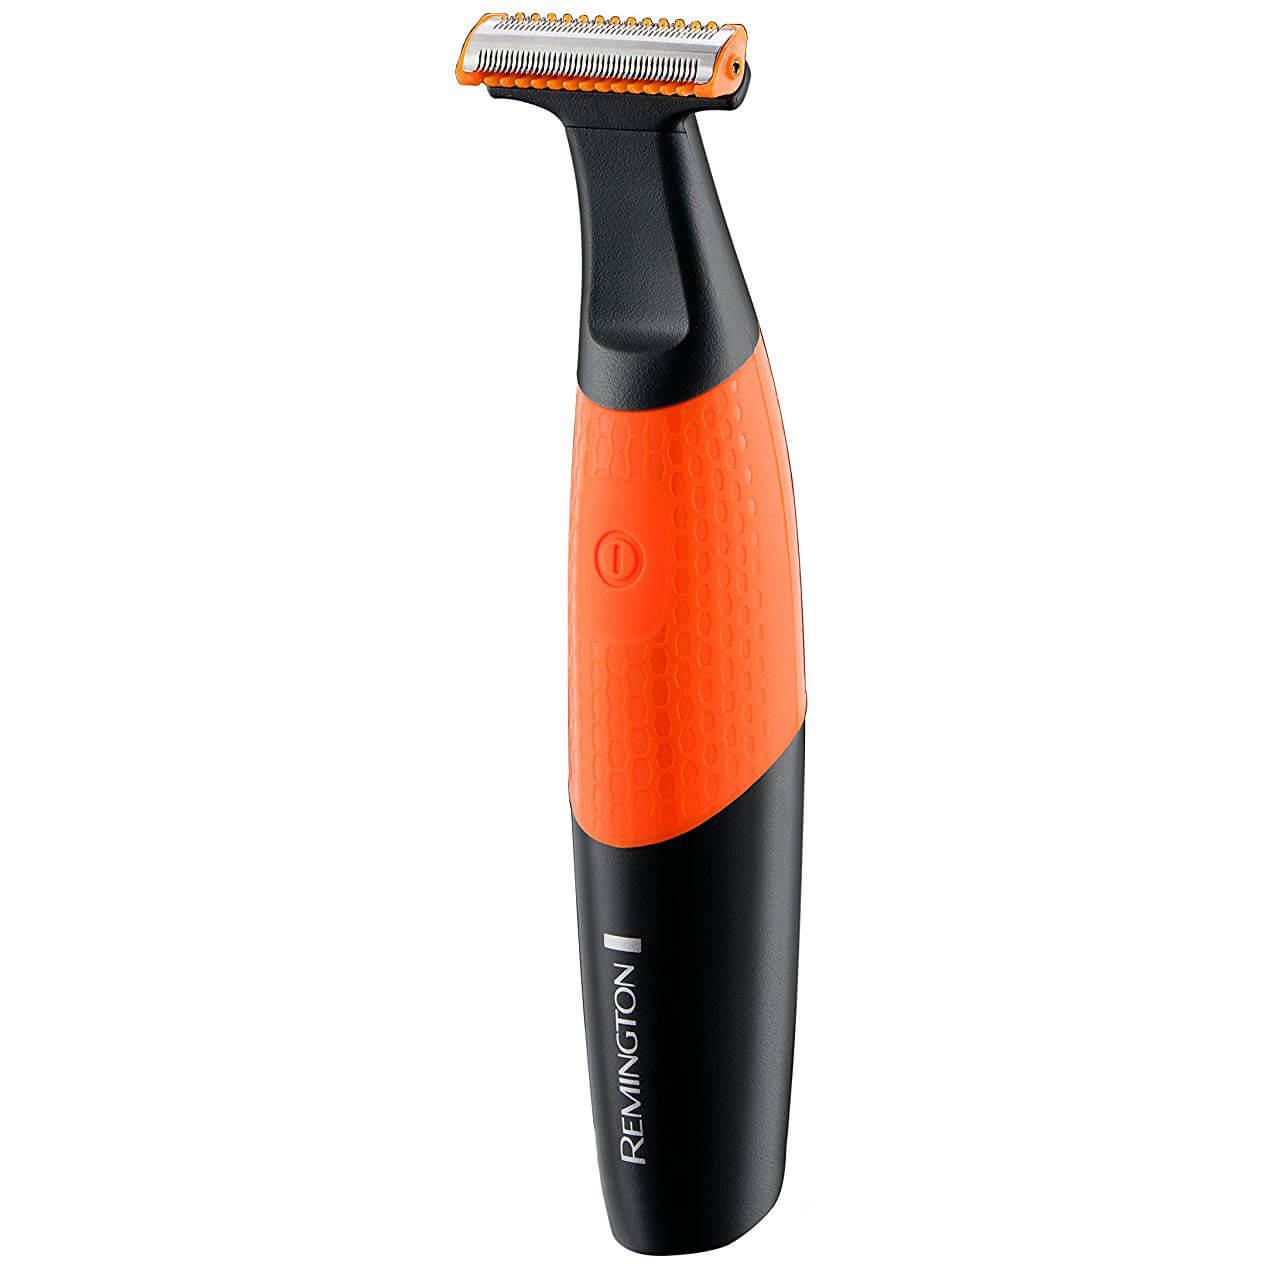 Aparat de ras si tuns barba Remington Durablade MB010, Acumulator, Cap barbierit cu o lama, Umed/Uscat, Portocaliu/Negru